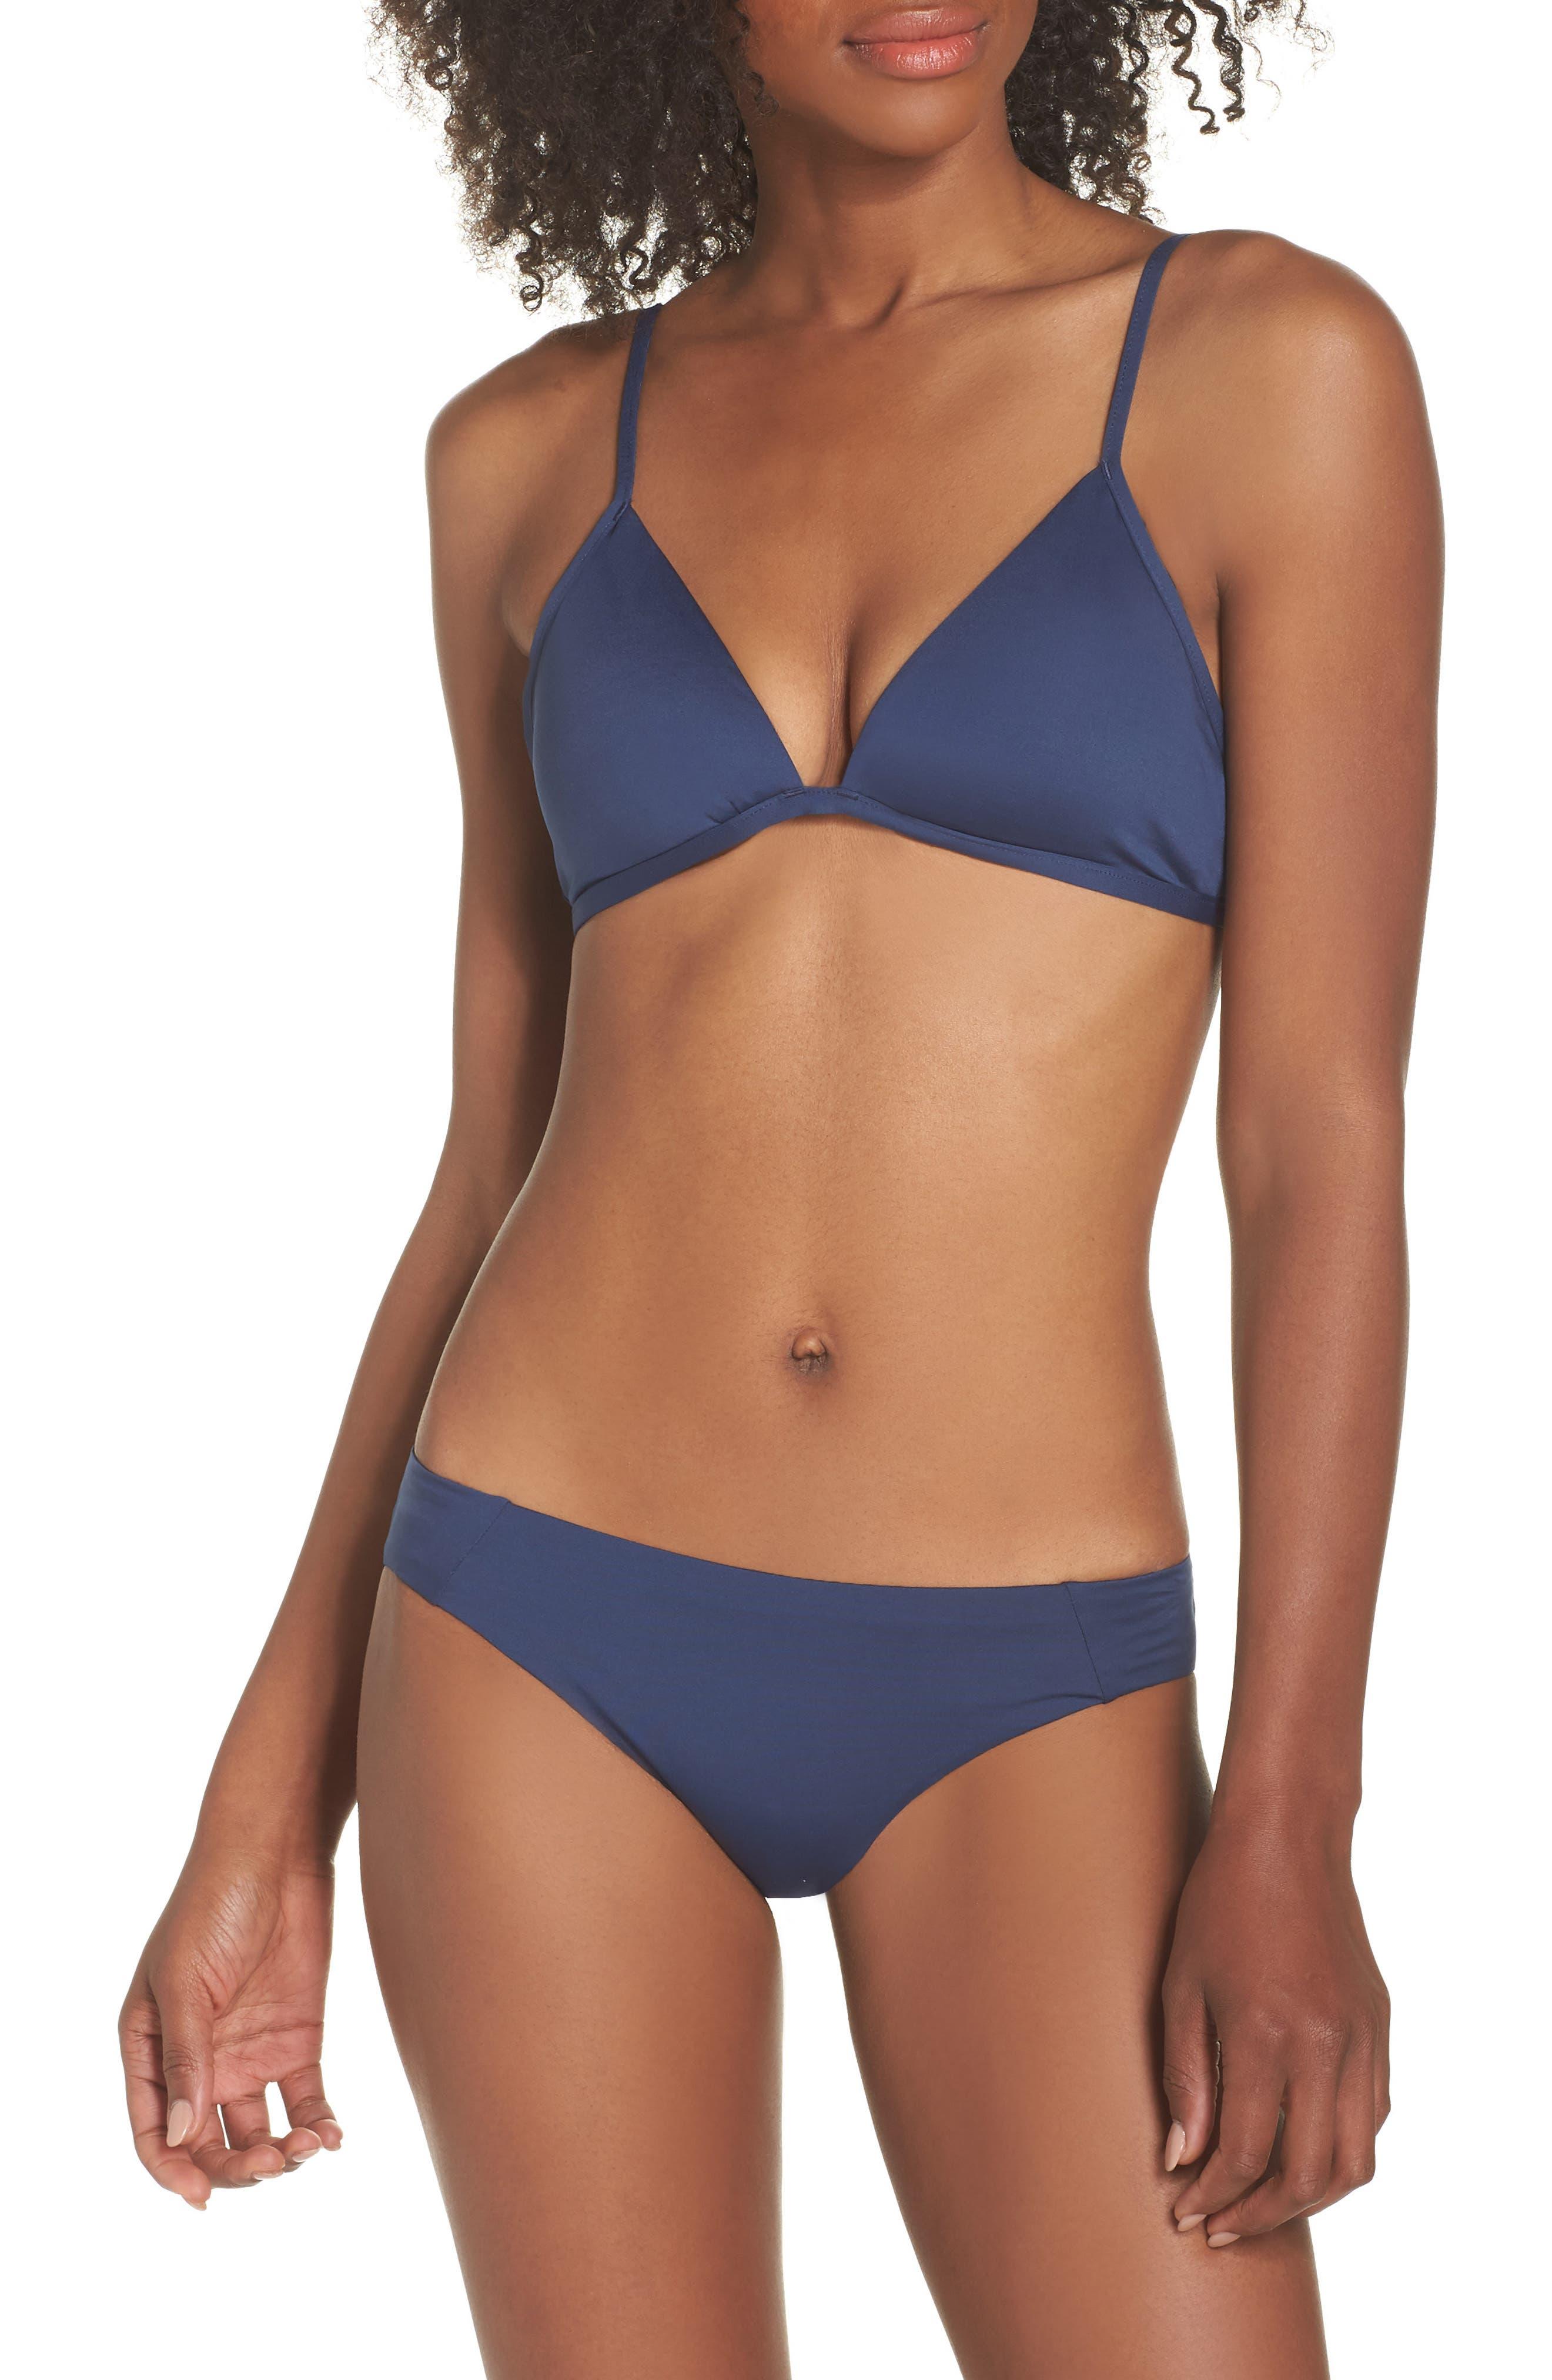 Kupala Bikini Top,                             Alternate thumbnail 7, color,                             STONE BLUE